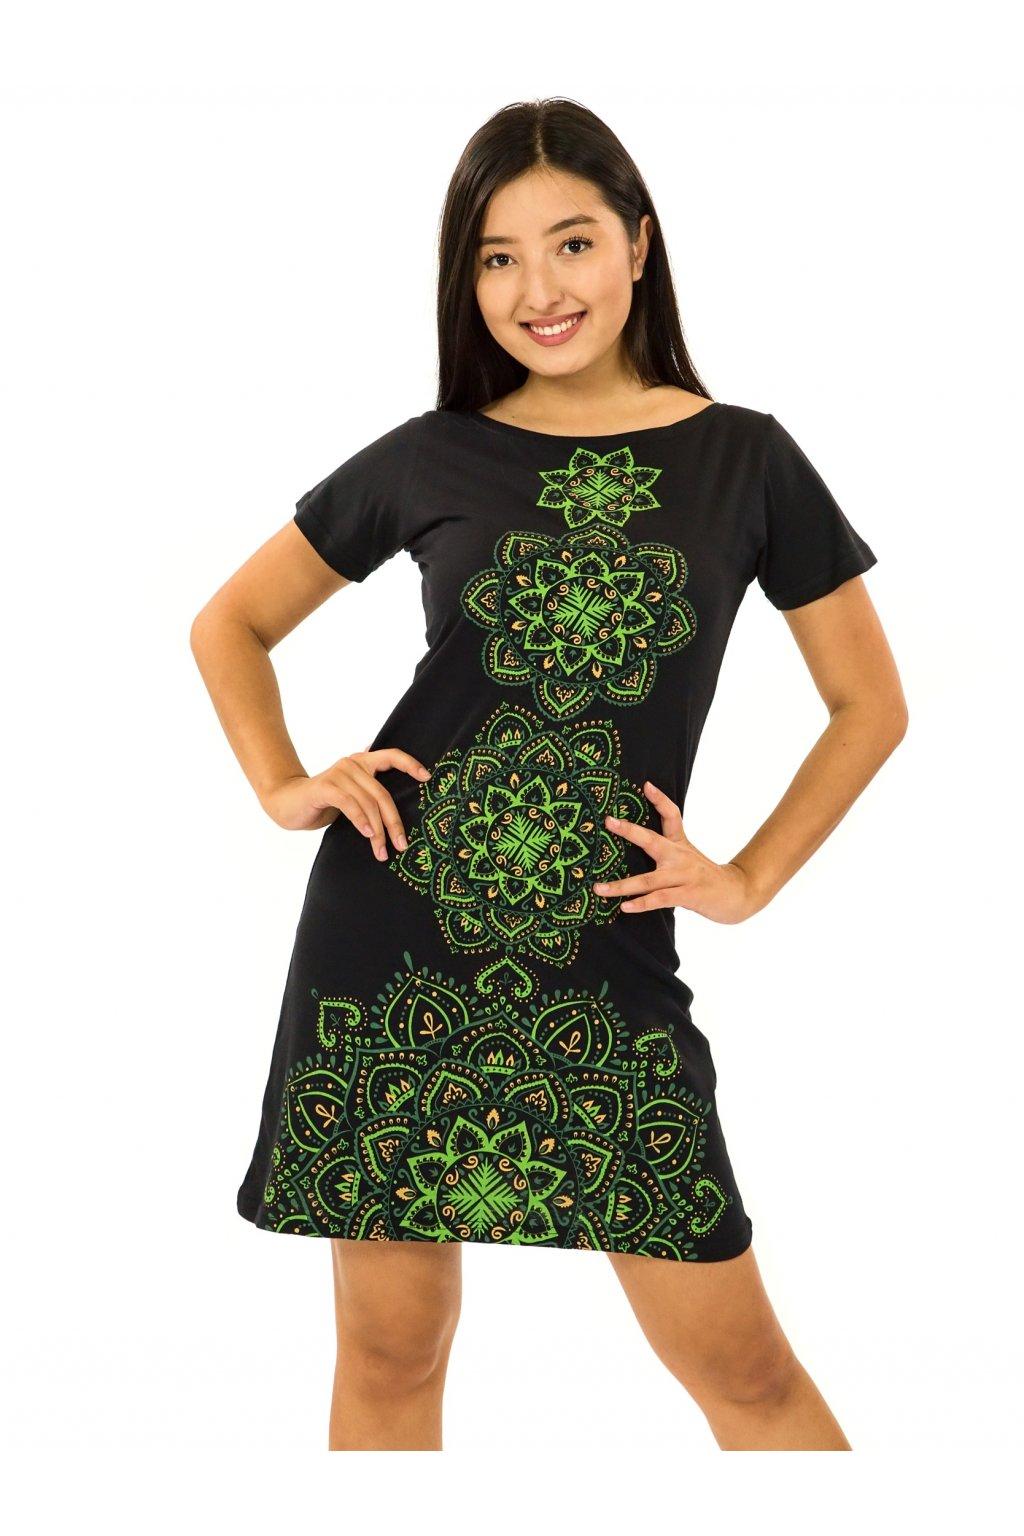 Šaty s krátkým rukávem Amavi - černá se zelenou